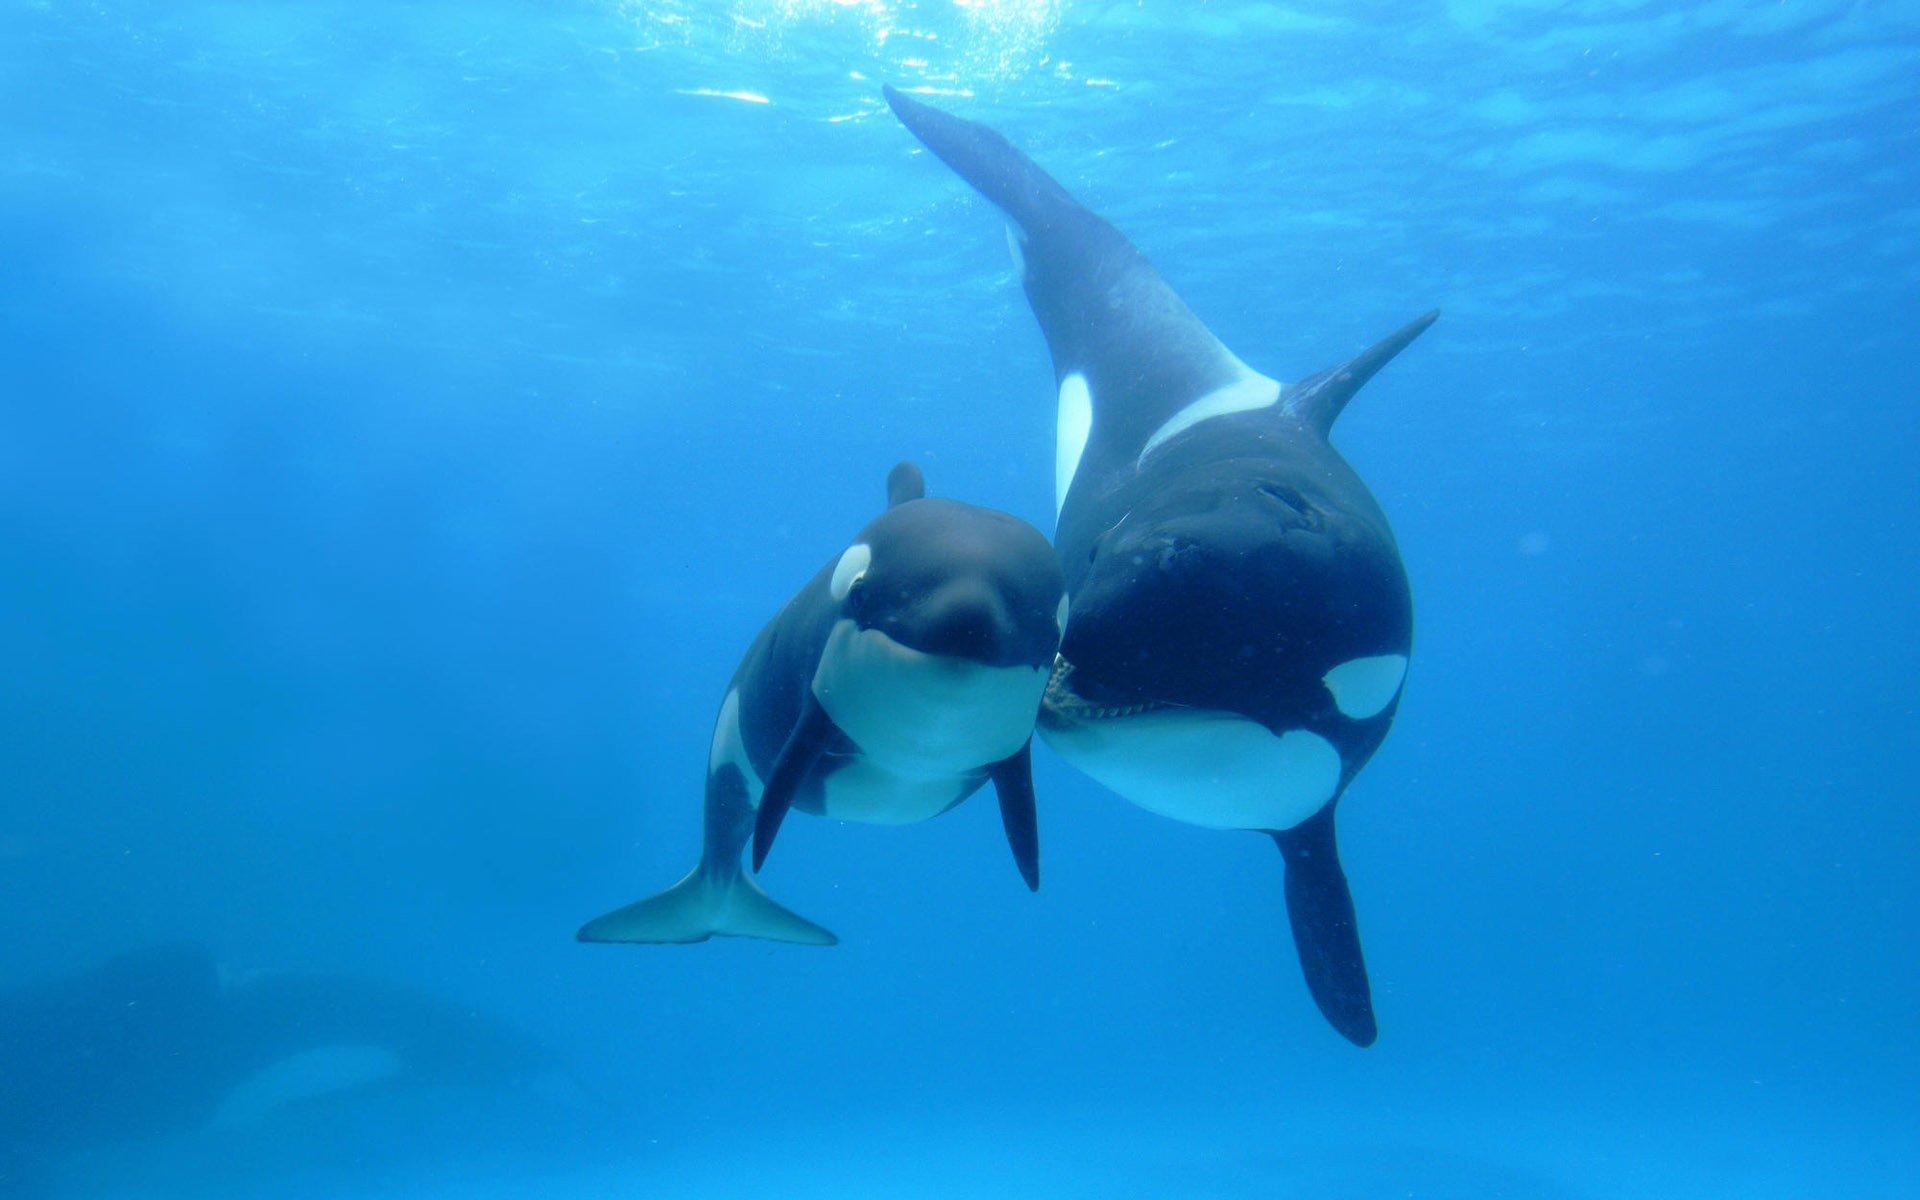 Animal - Whale  Orca Killer Whale Animal Sea Life Baby Animal Wallpaper